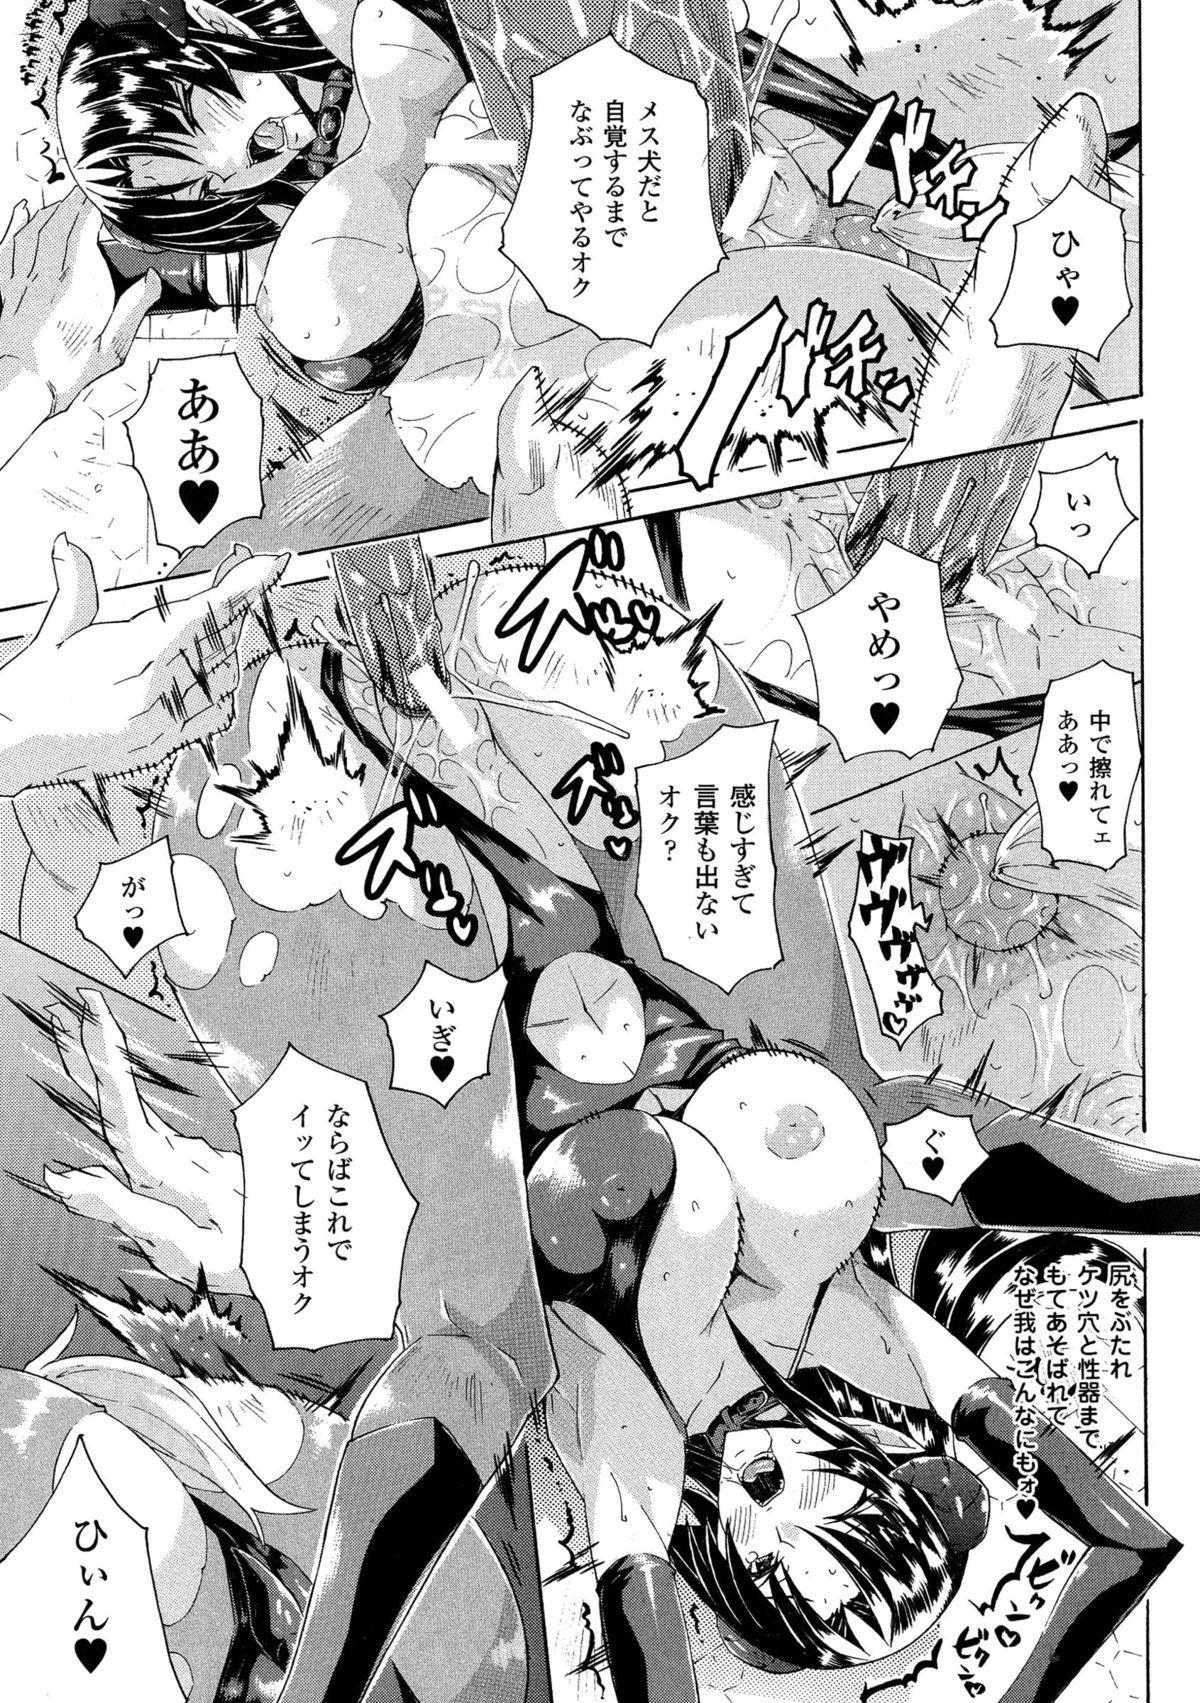 Kachiki na Onna ga Buzama na Ahegao o Sarasu made 92